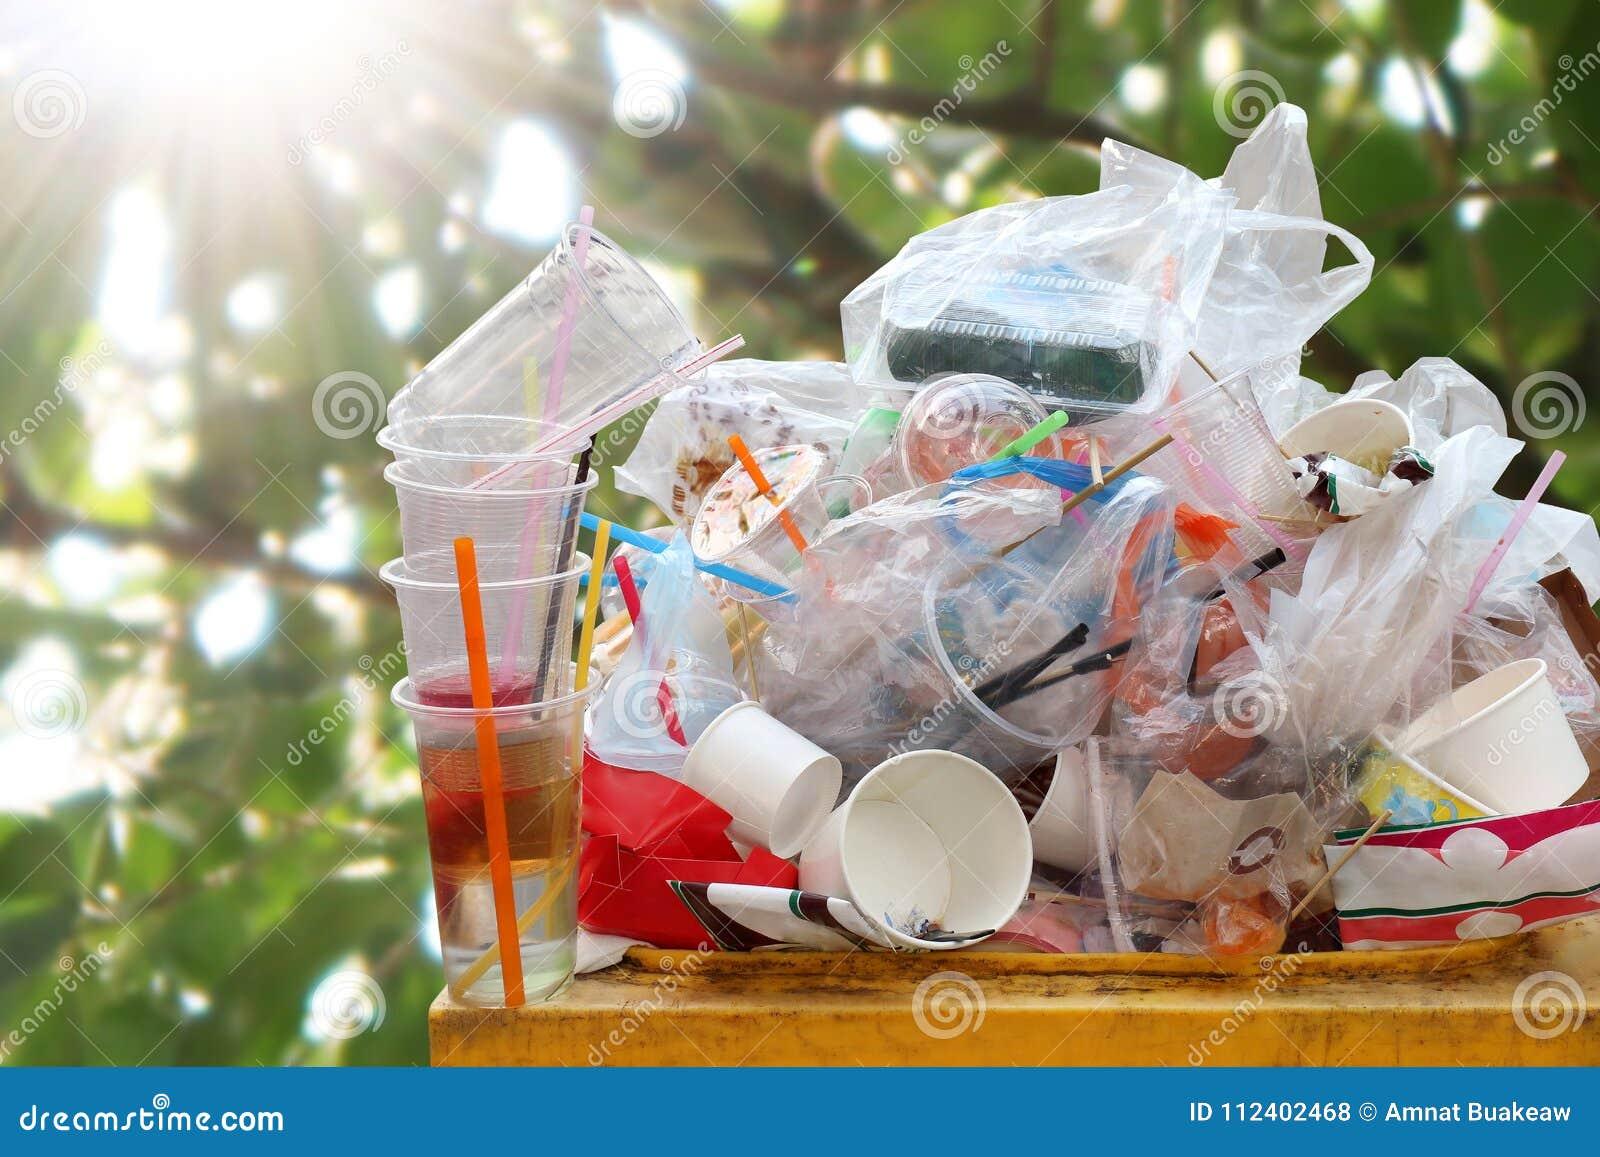 Viel Abfall Nahaufnahme auf Abfall voll des Abfalleimers, Plastiktascheabfall Lose des Krams auf Naturbaum-Sonnenscheinhintergrun